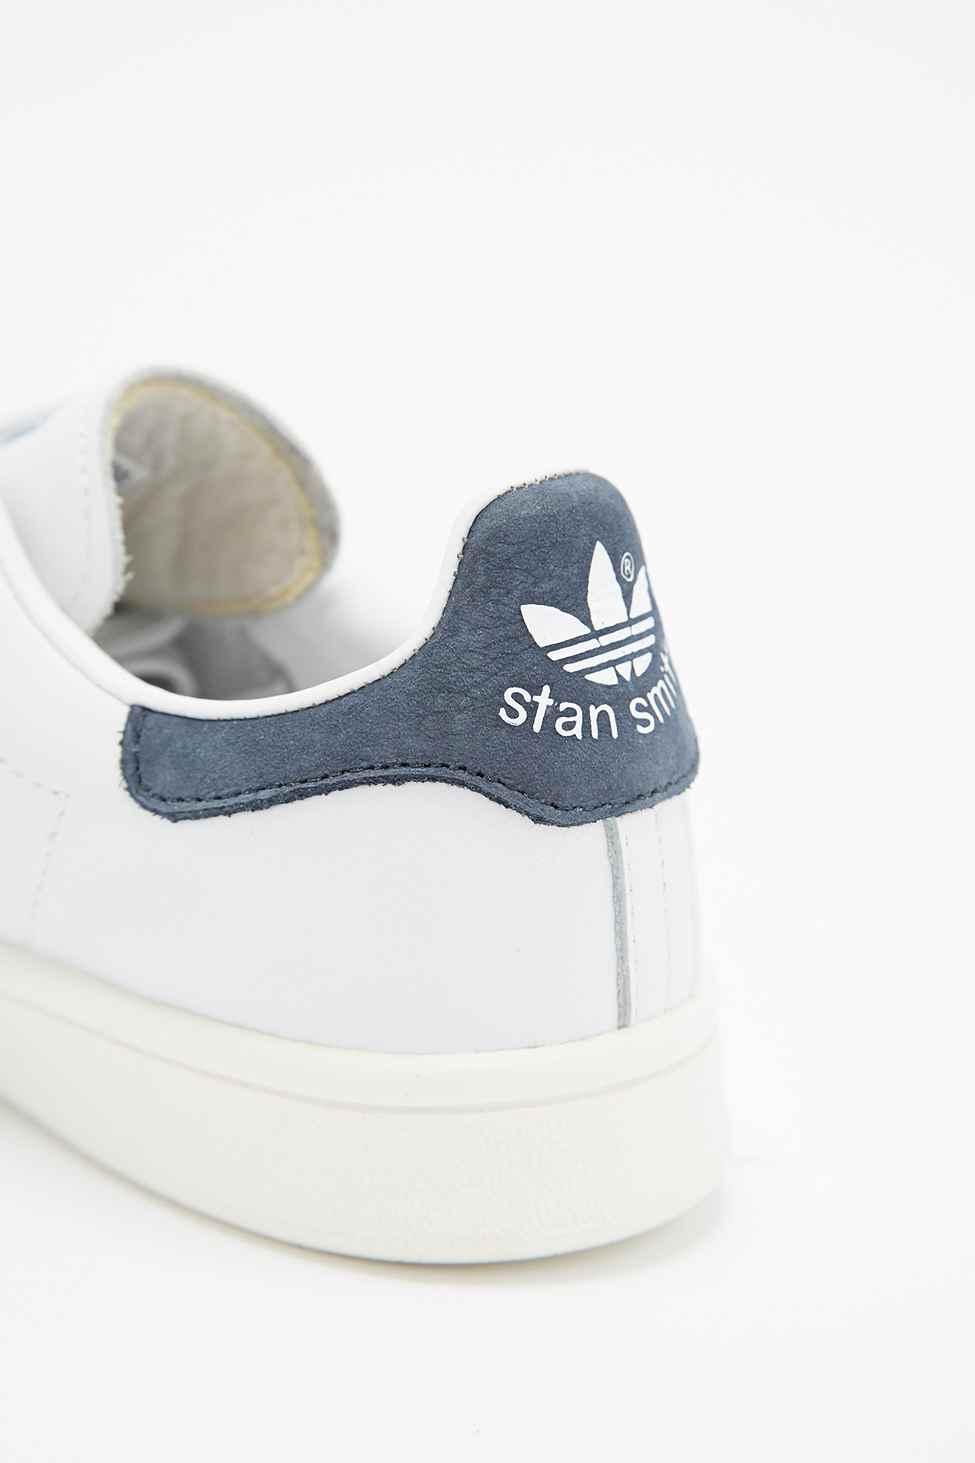 oktxg Adidas Stan Smith White And Indigo economicplumbing.co.uk